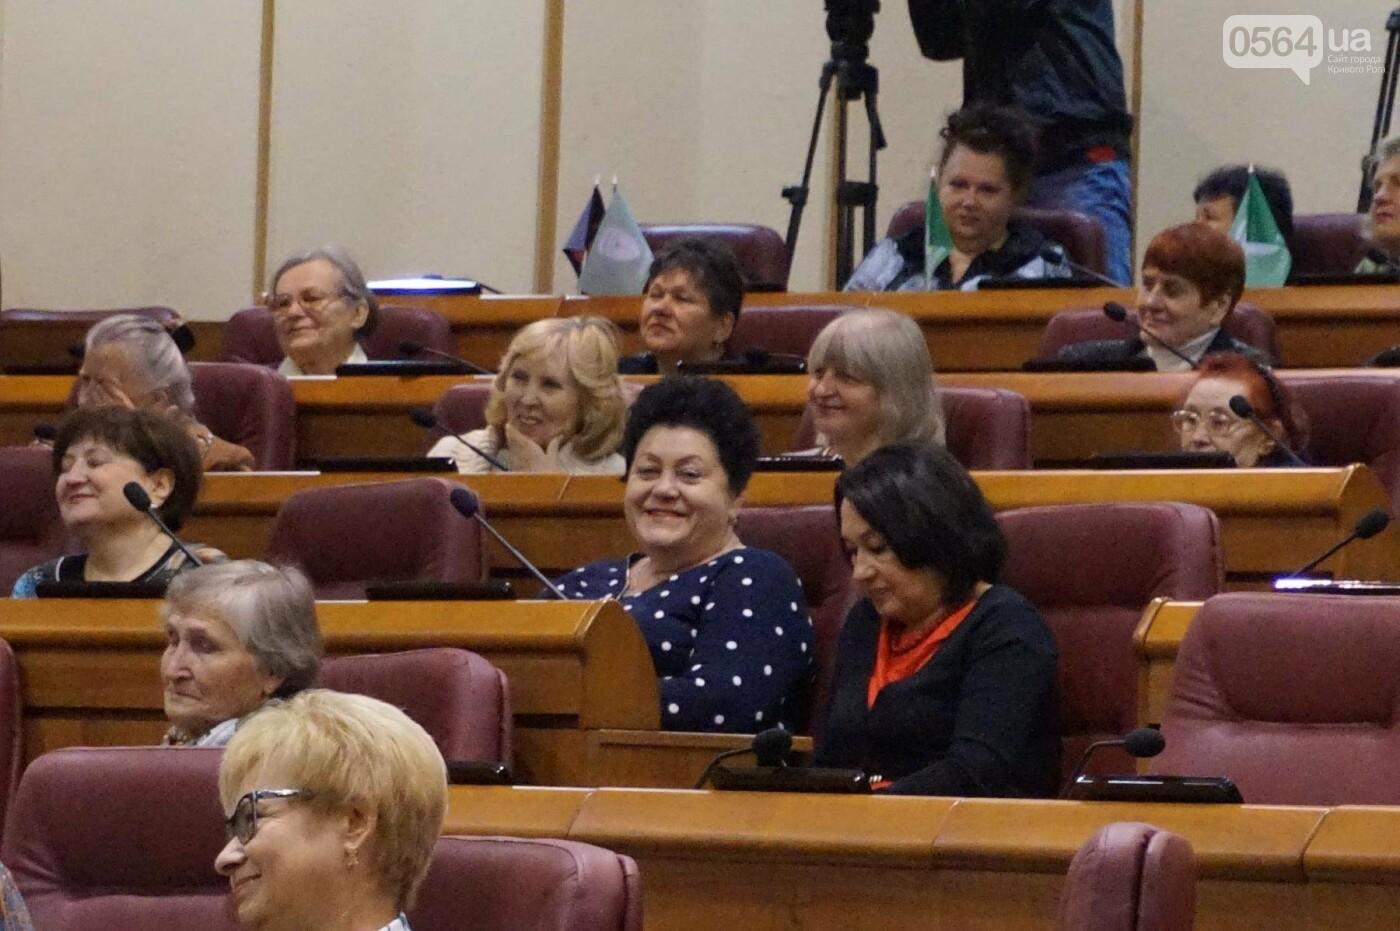 Экс-сотрудников Криворожского горисполкома поздравили с Днем пожилых людей (ФОТО), фото-2